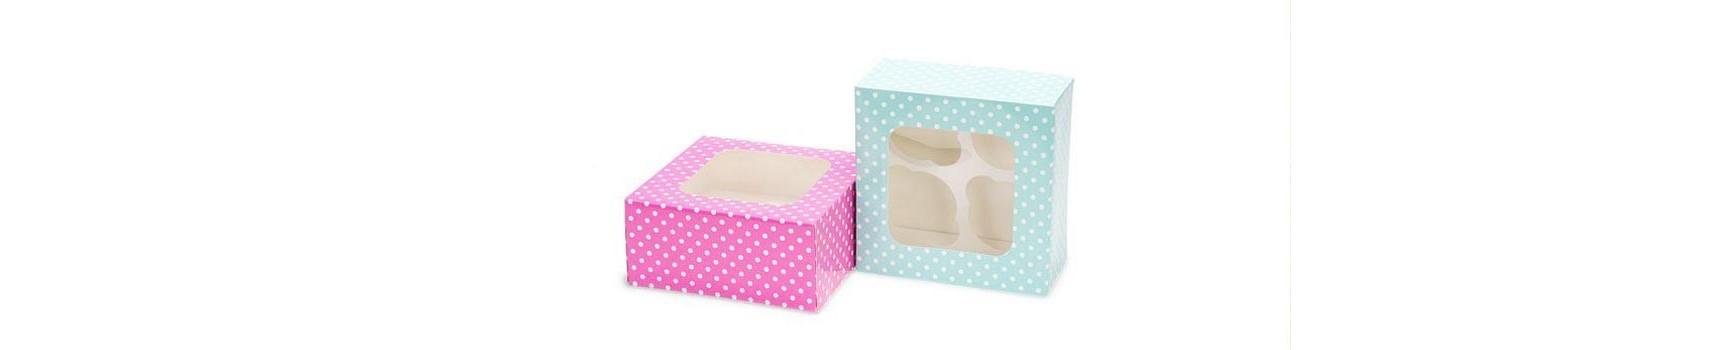 Emballages / Présentoirs